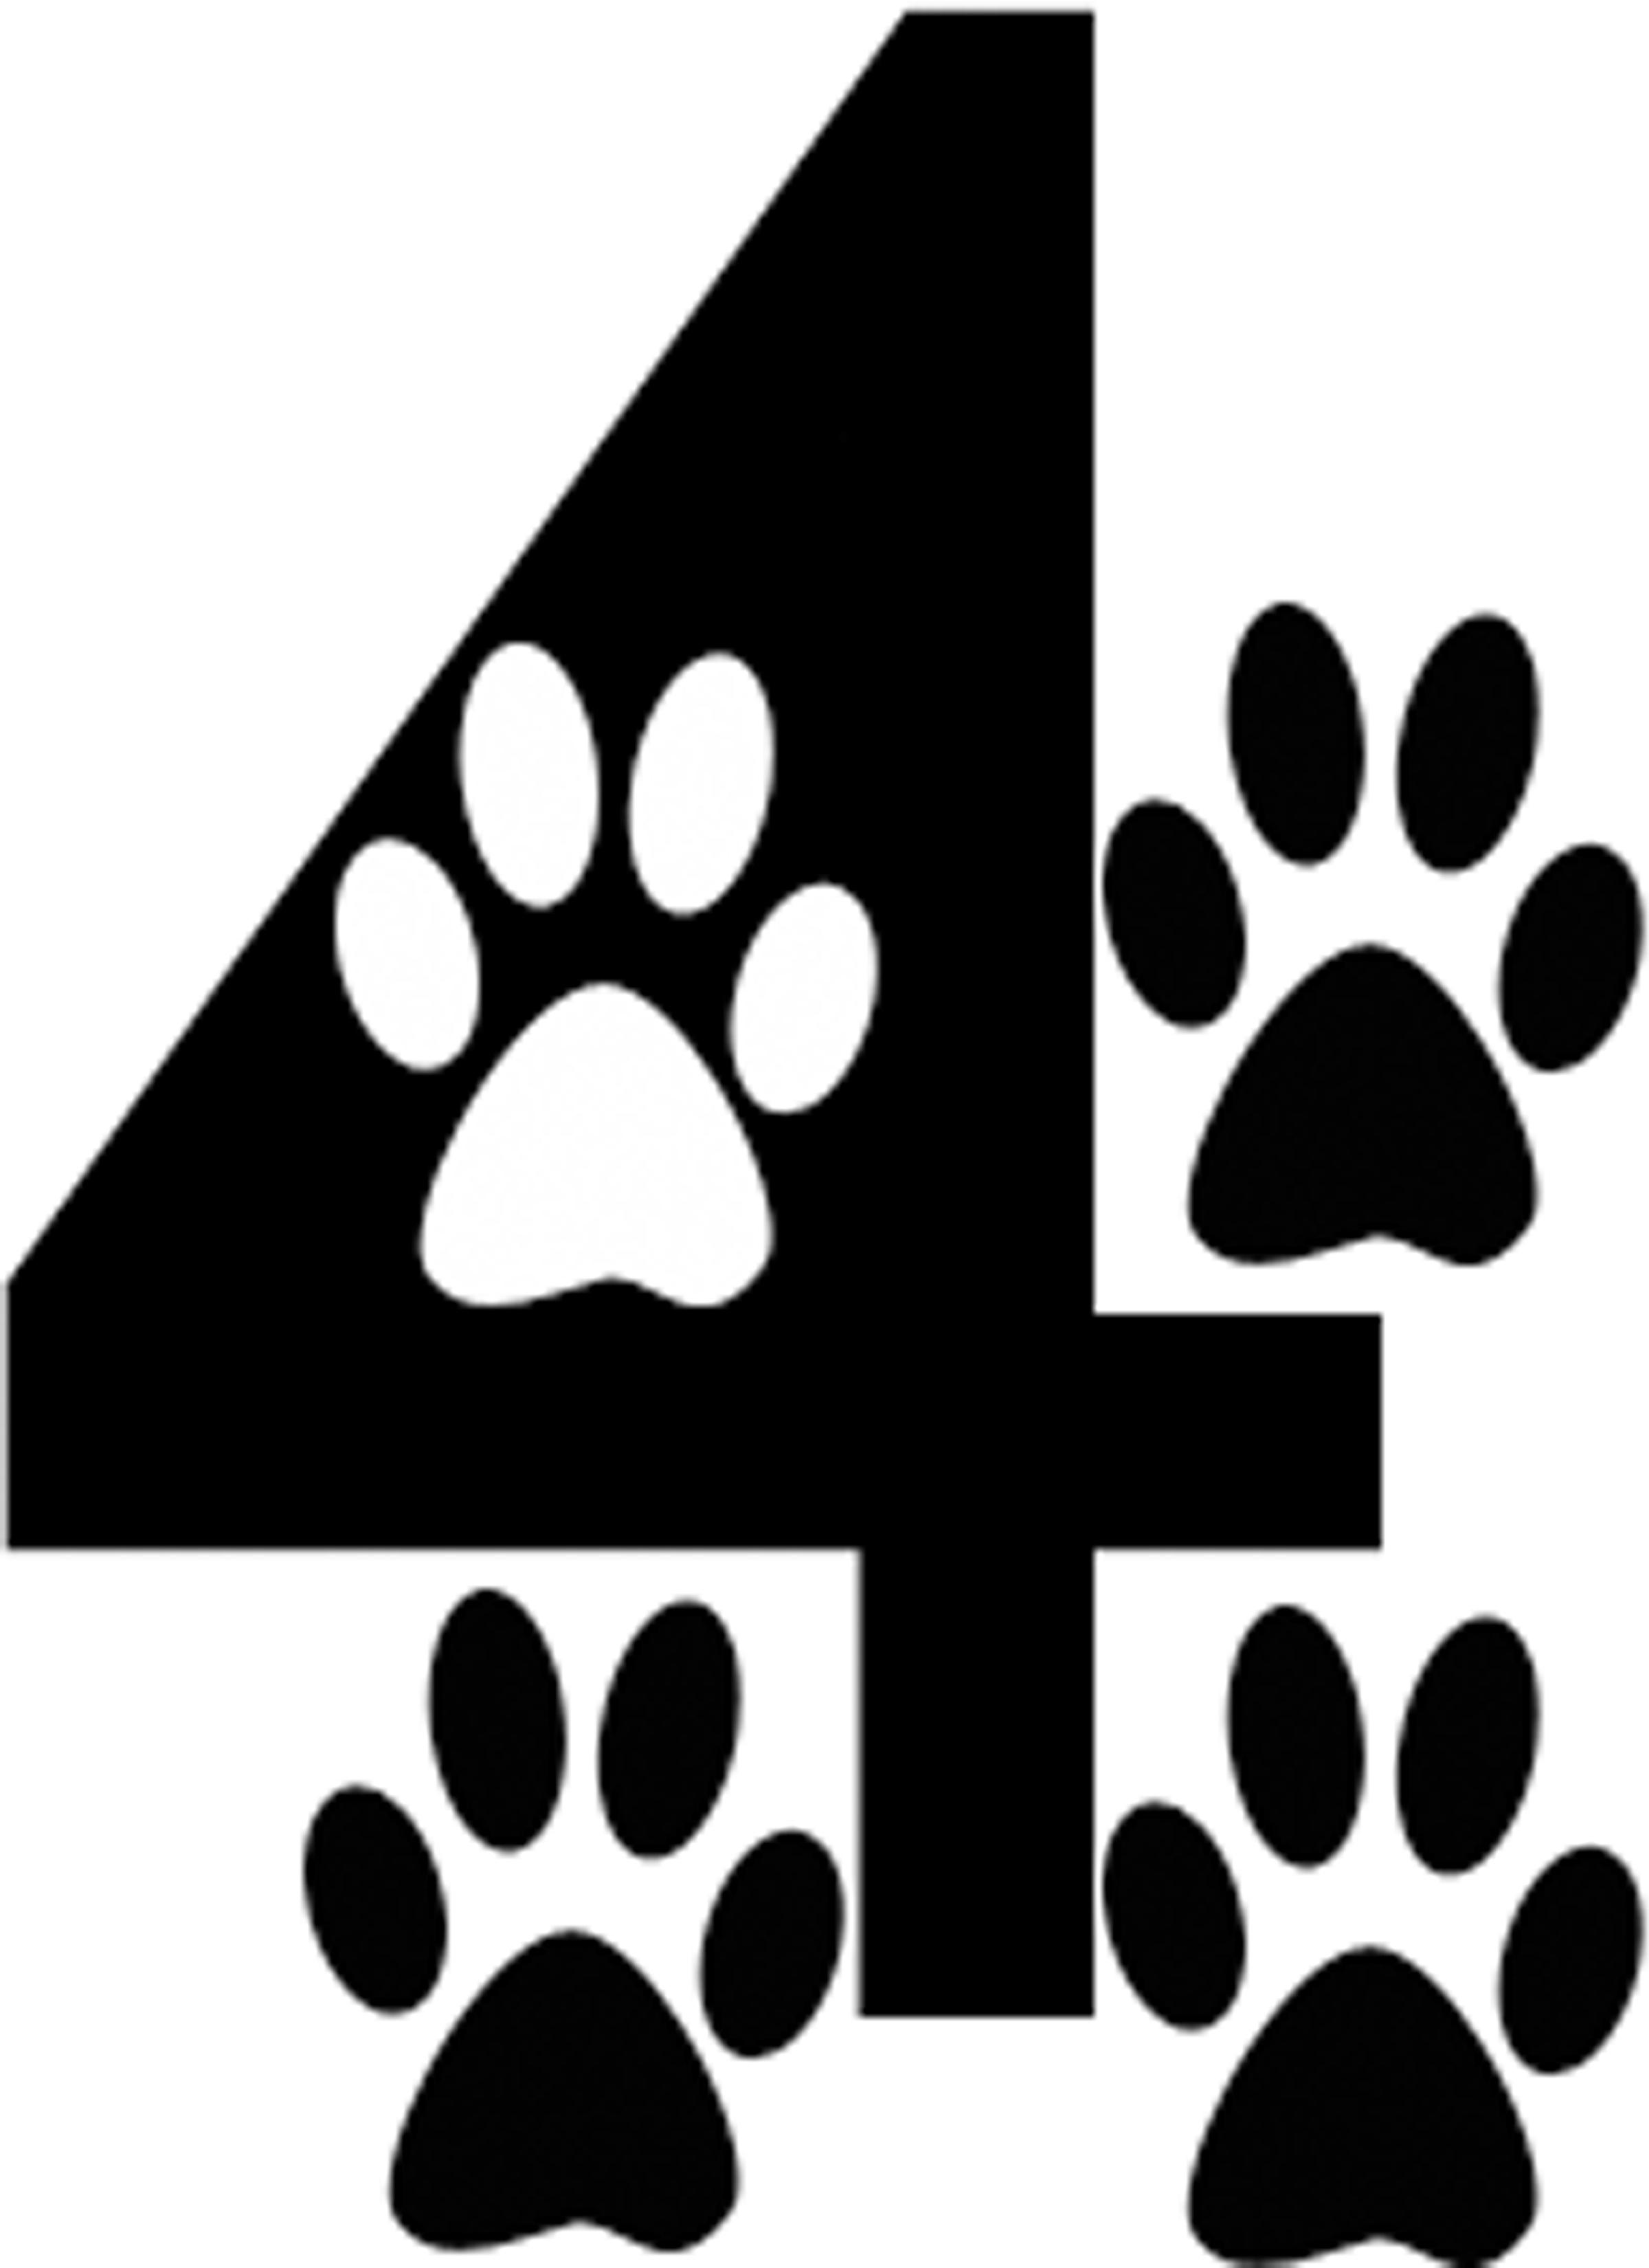 4 Paws Farm, Inc